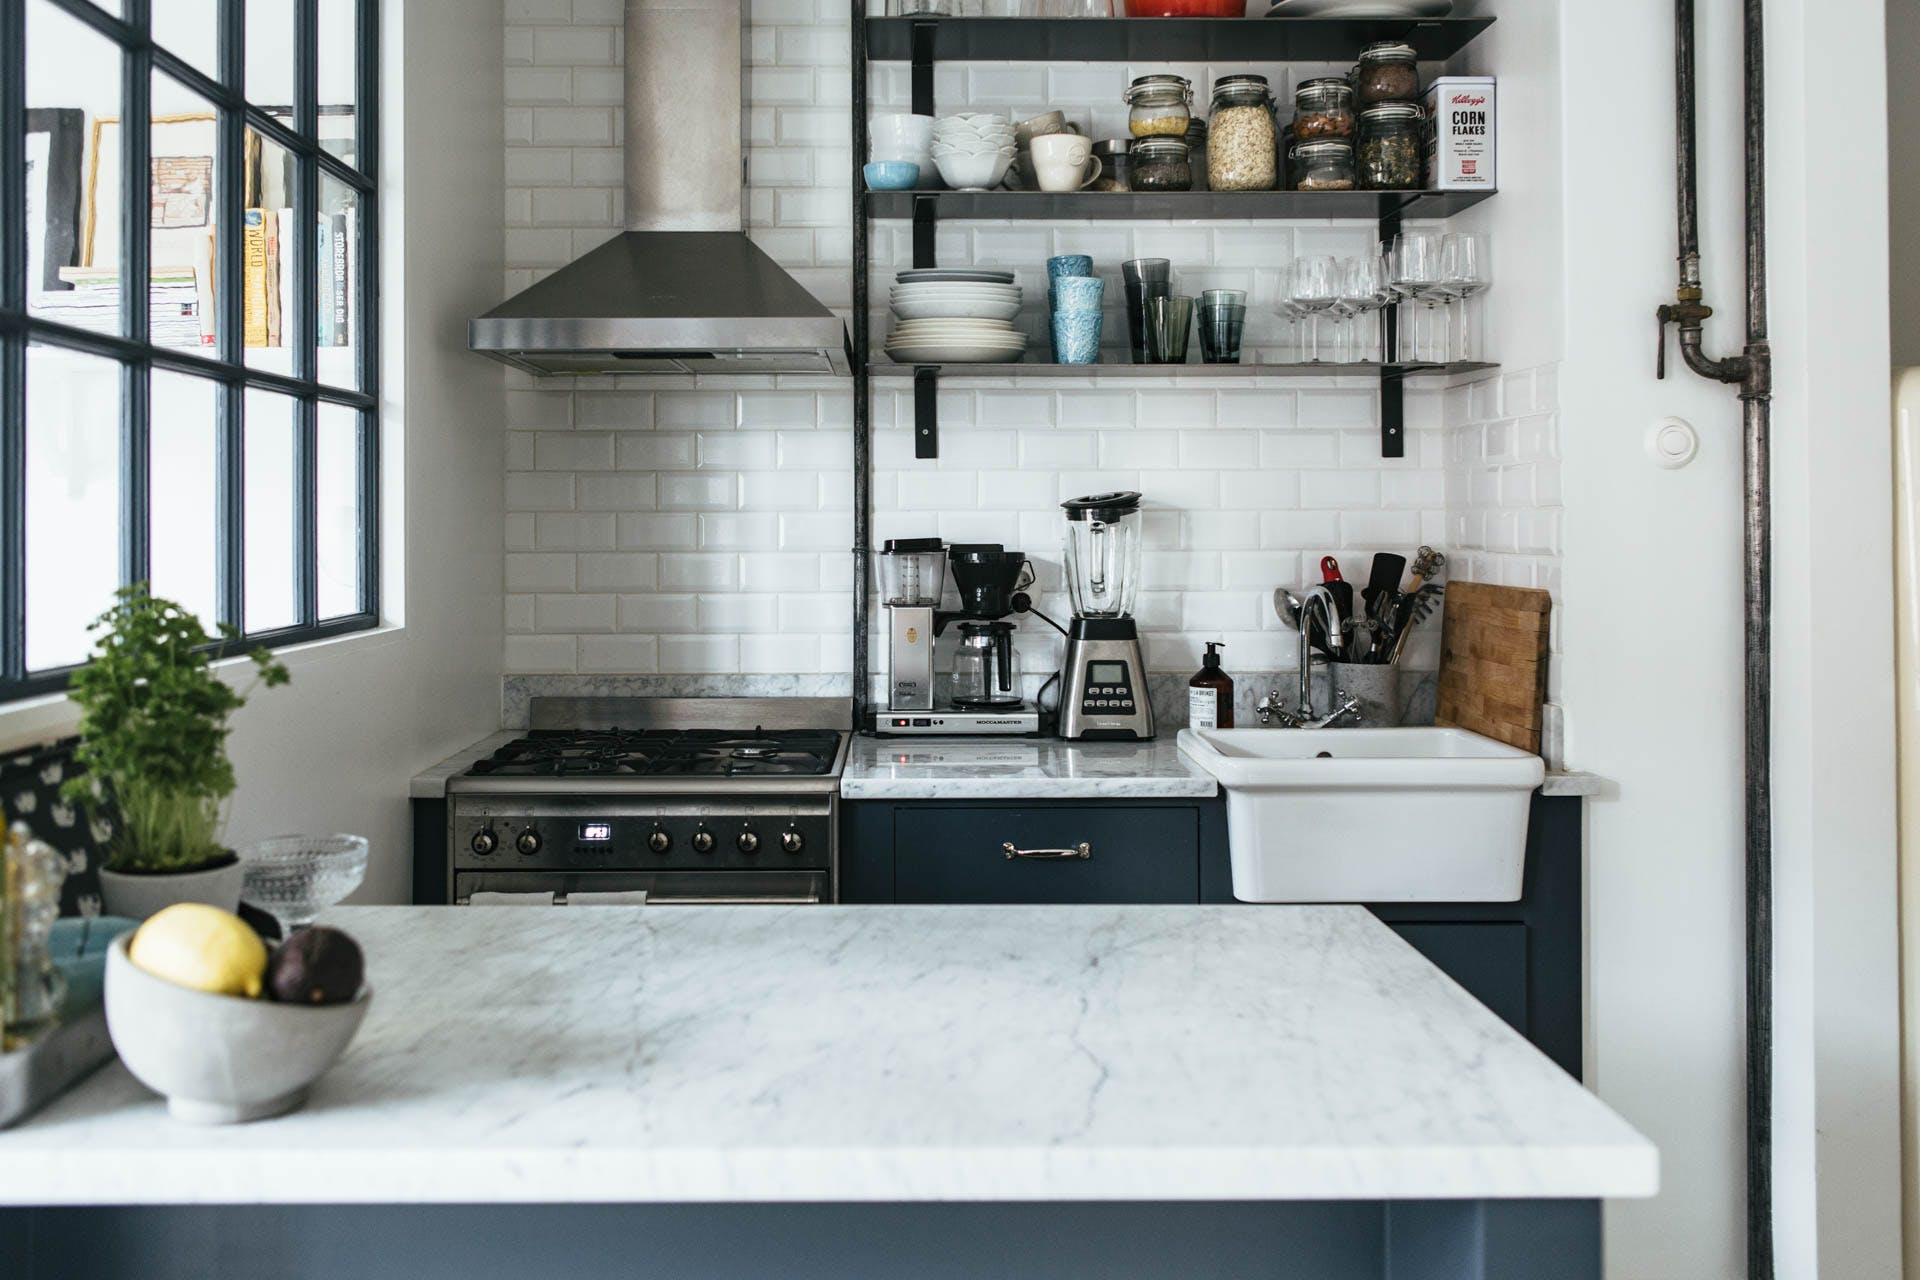 Inspiratie marmer is een ware toevoeging aan je interieur - Keuken wit marmer ...